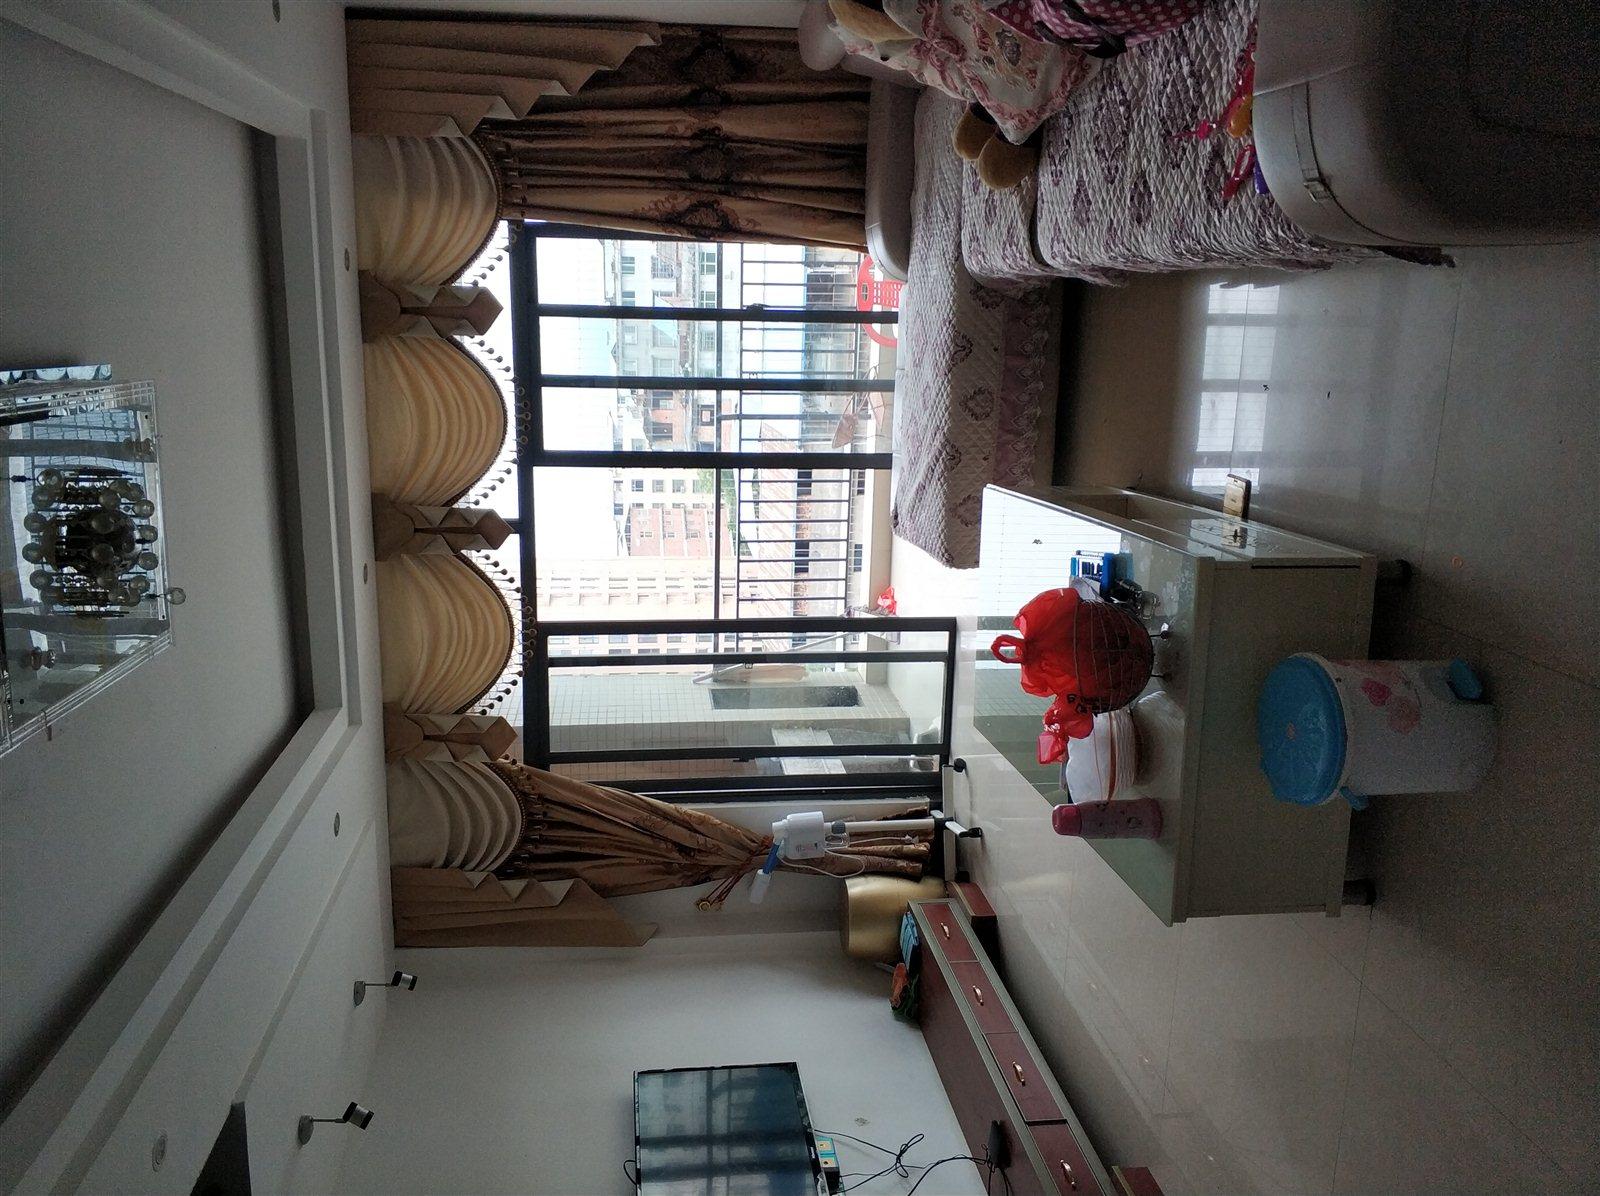 锦绣花园5室 2厅 2卫65万元